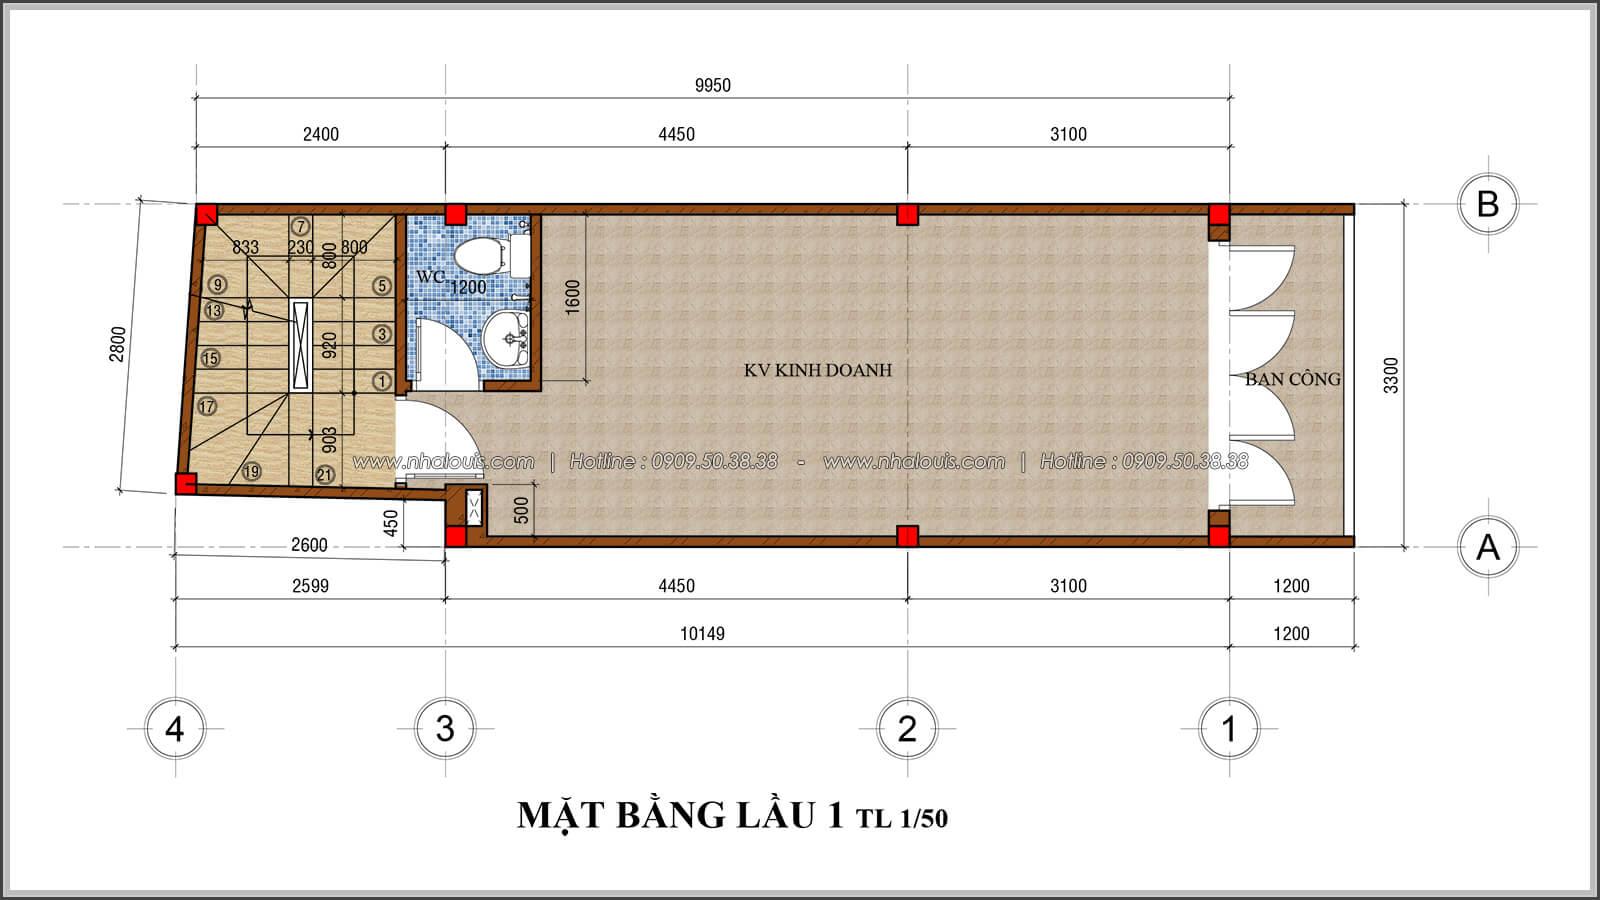 Mặt bằng lầu 1 thiết kế nhà 4x10 kết hợp kinh doanh tại chợ Tân Bình - 05